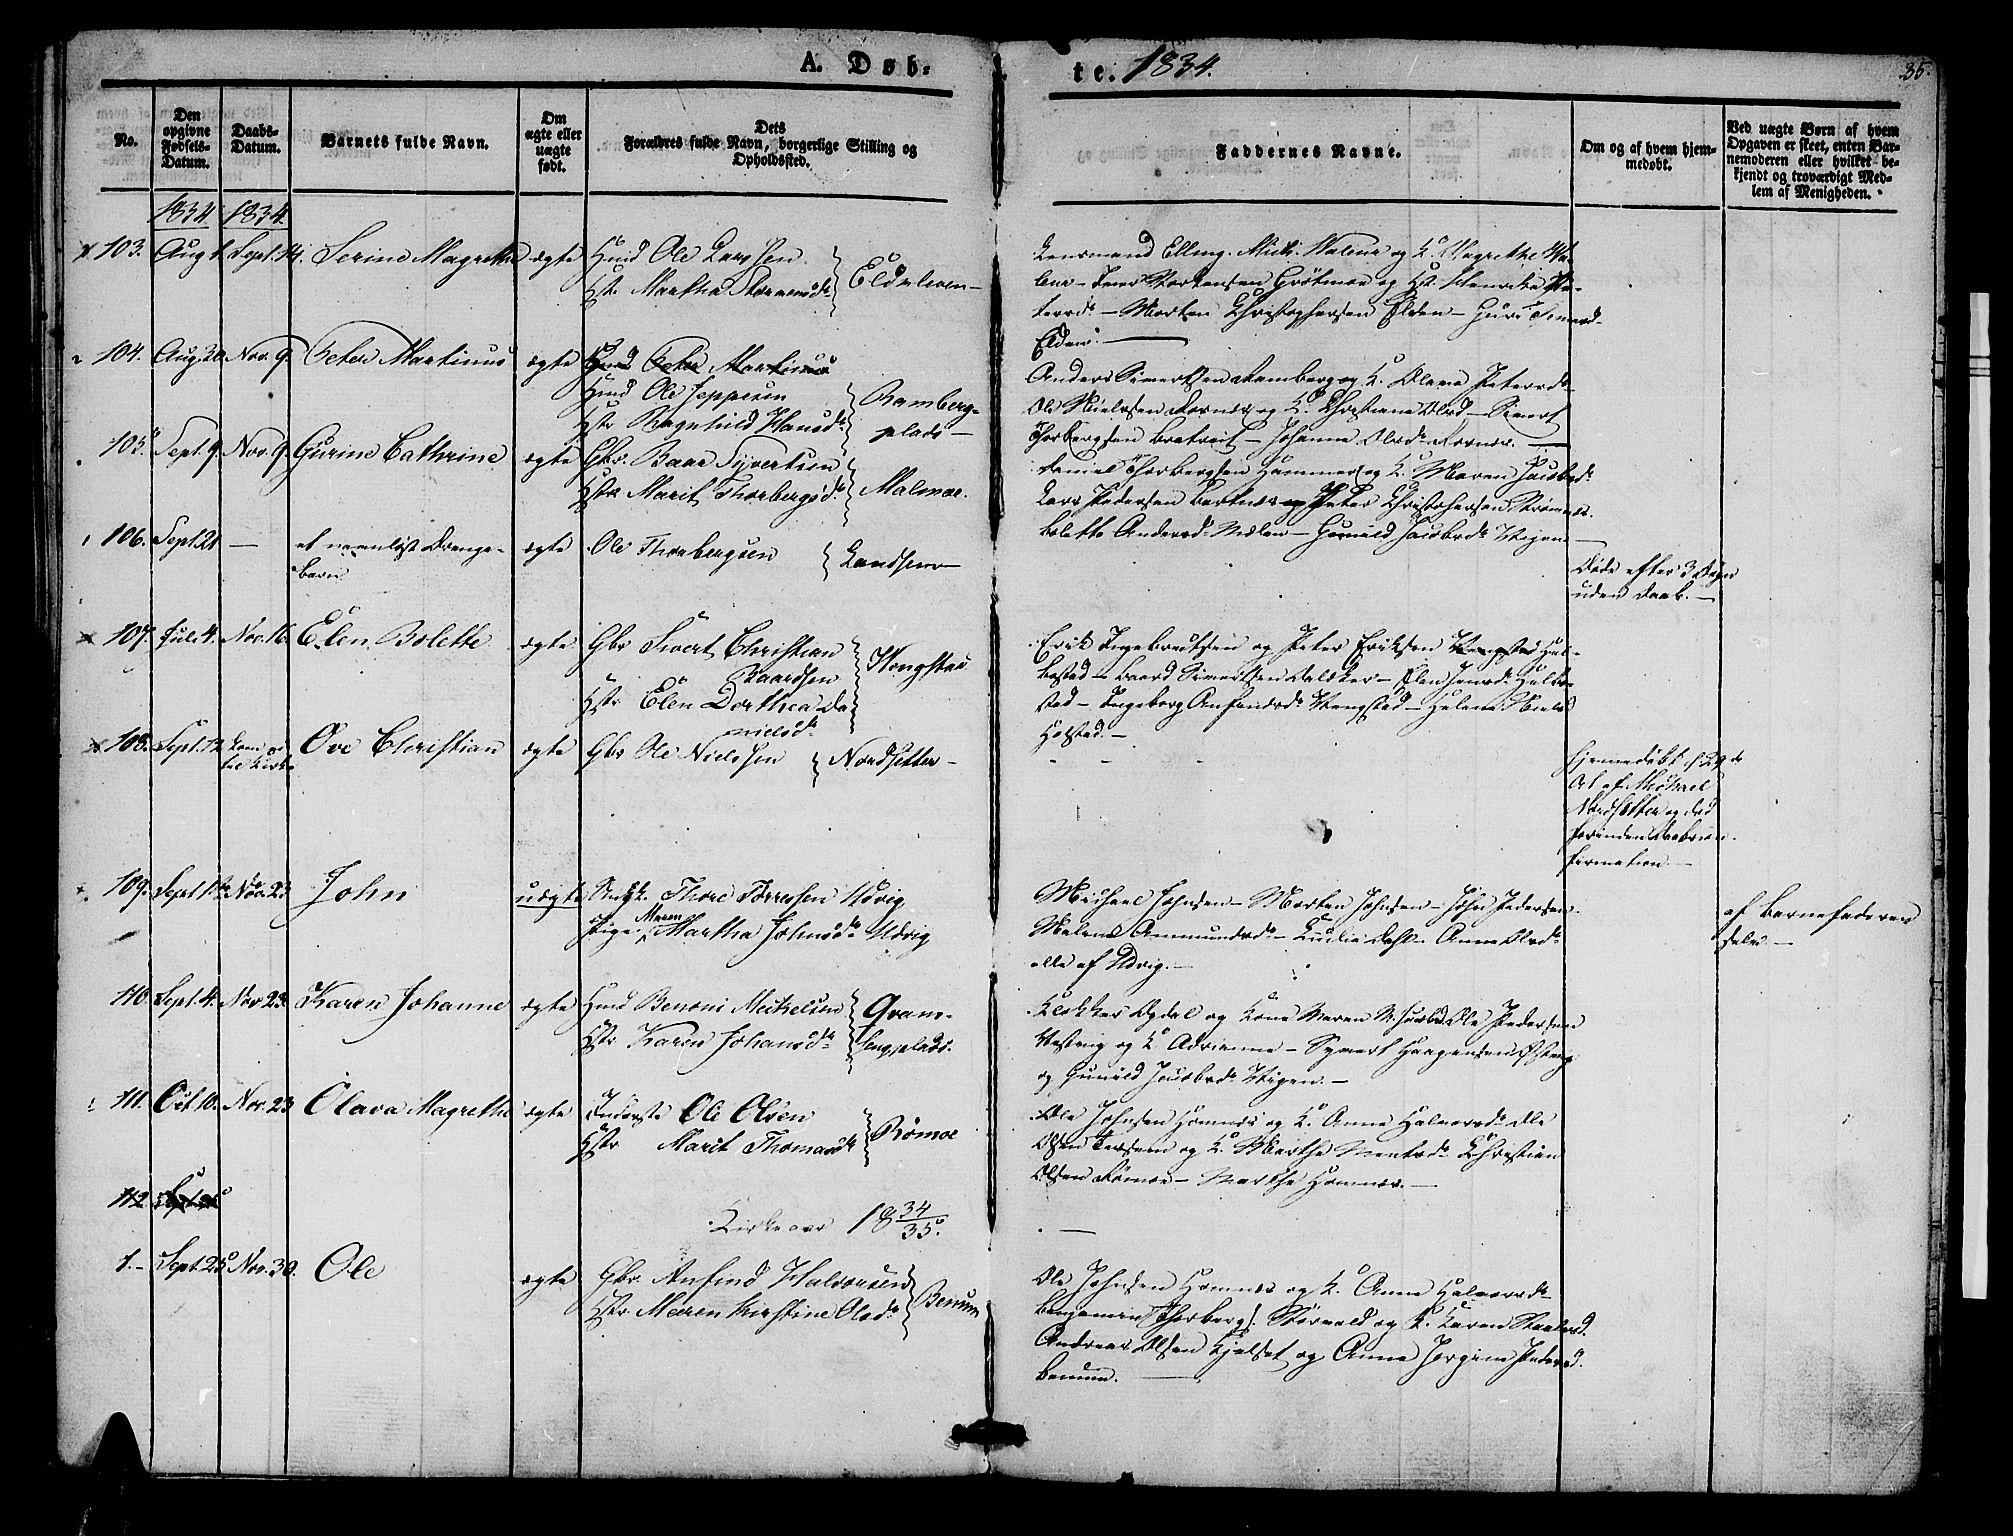 SAT, Ministerialprotokoller, klokkerbøker og fødselsregistre - Nord-Trøndelag, 741/L0391: Ministerialbok nr. 741A05, 1831-1836, s. 35